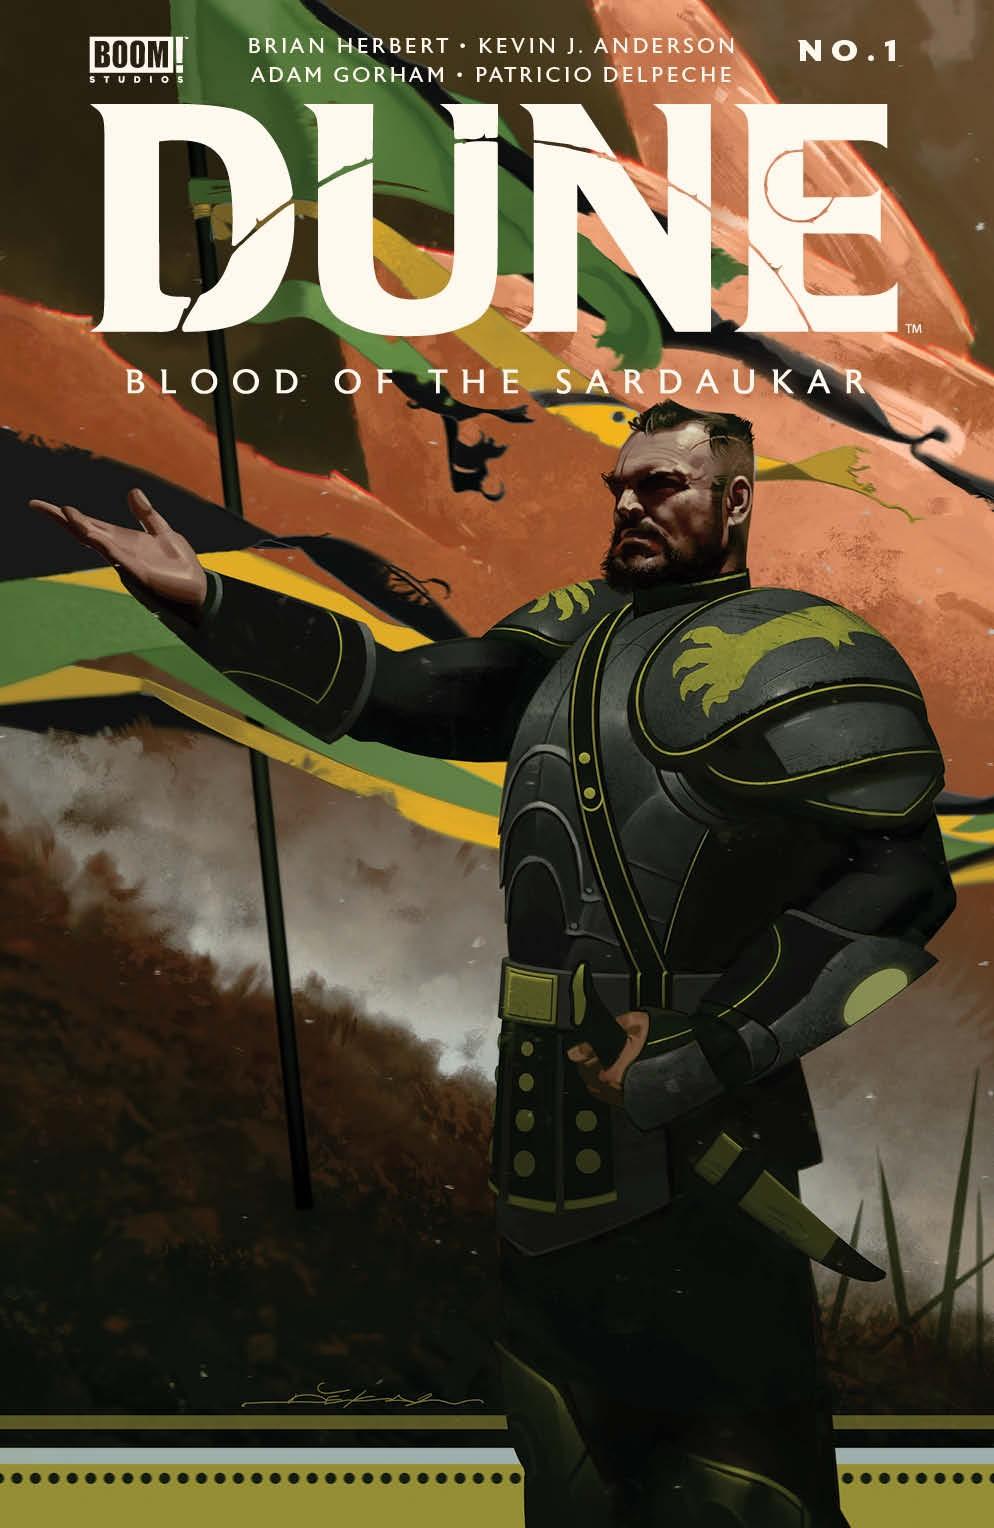 Dune_BloodSardaukar_001_Cover_A_Main ComicList Previews: DUNE BLOOD OF THE SARDAUKAR #1